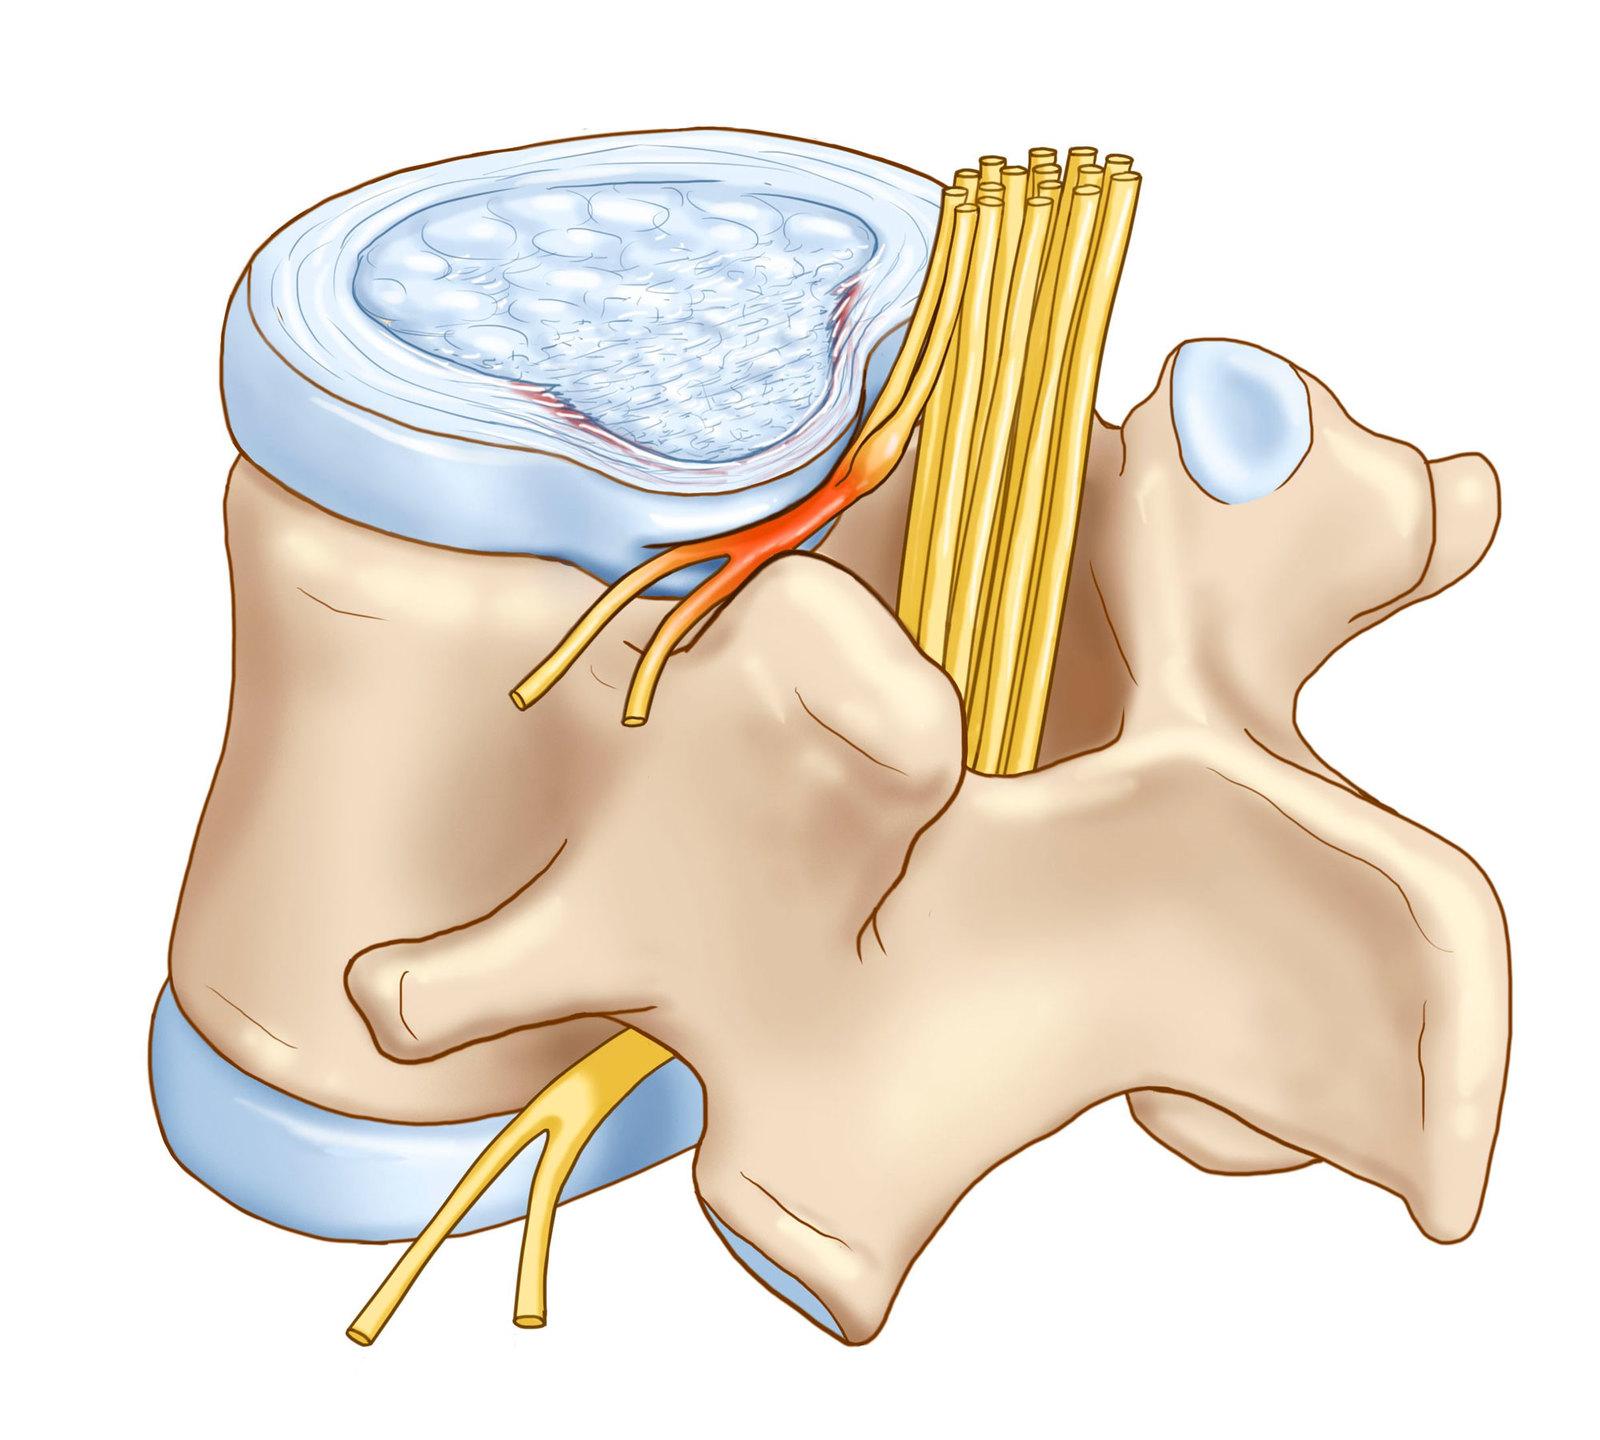 Уколы от боли в спине, сильные обезболивающие уколы при болях в спине и пояснице – название лекарства